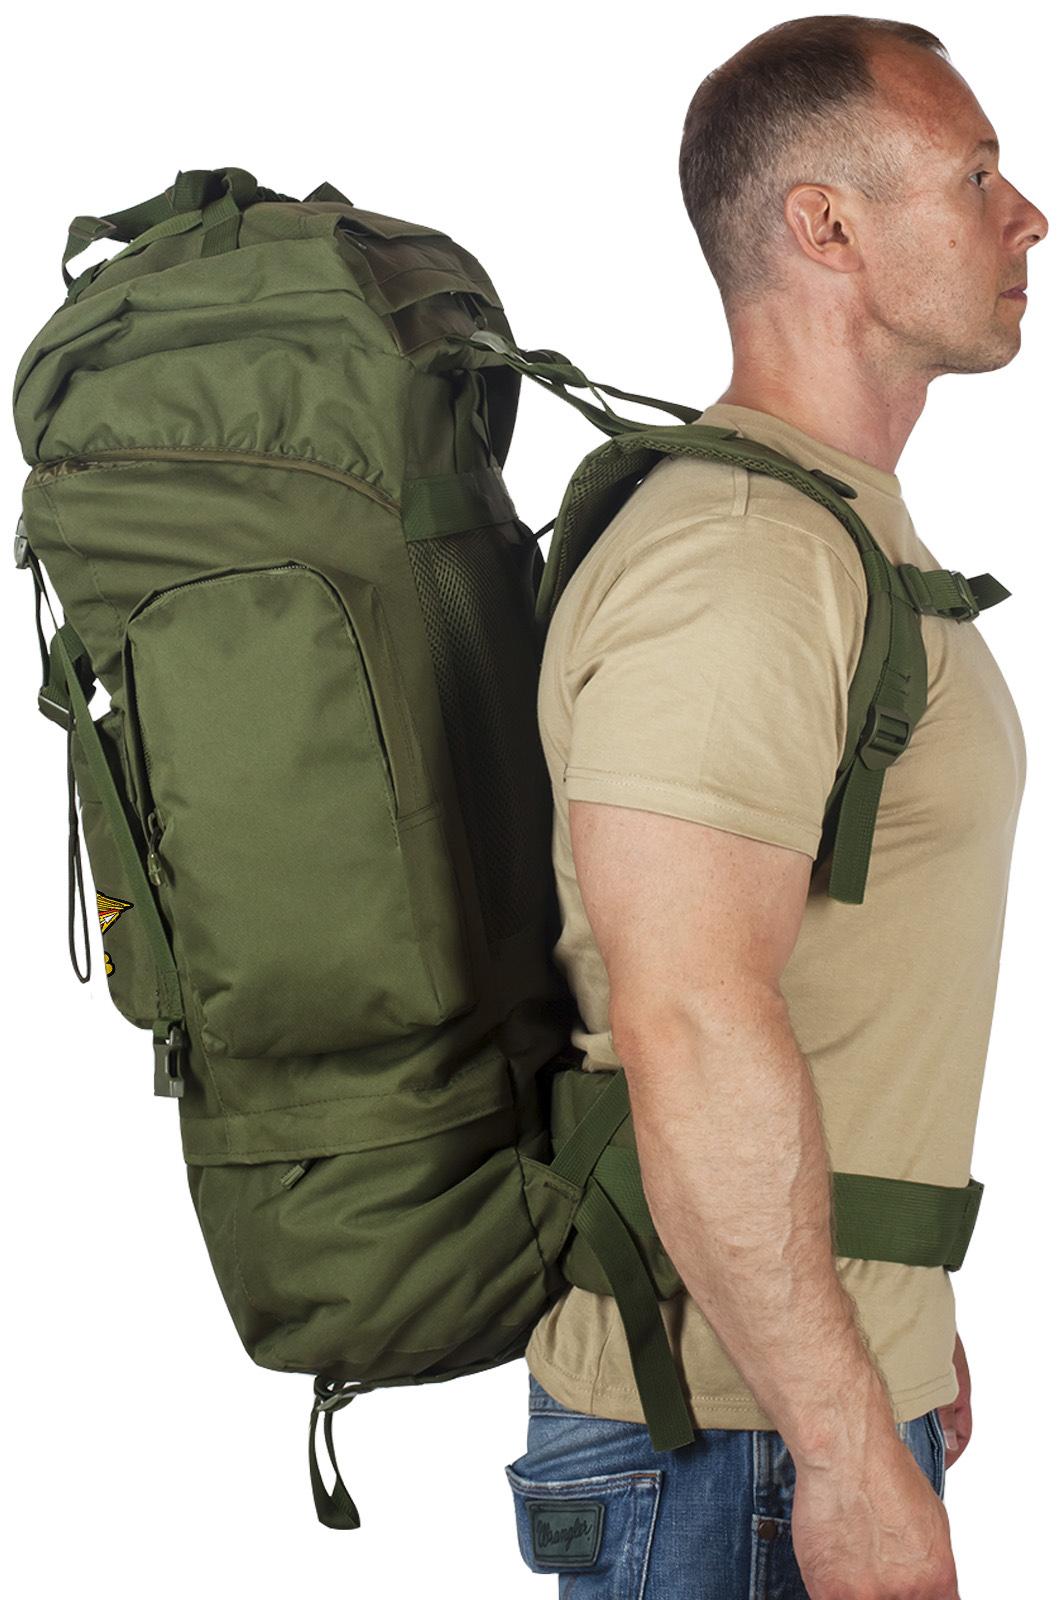 Модульный рейдовый рюкзак с нашивкой РХБЗ - заказать в Военпро